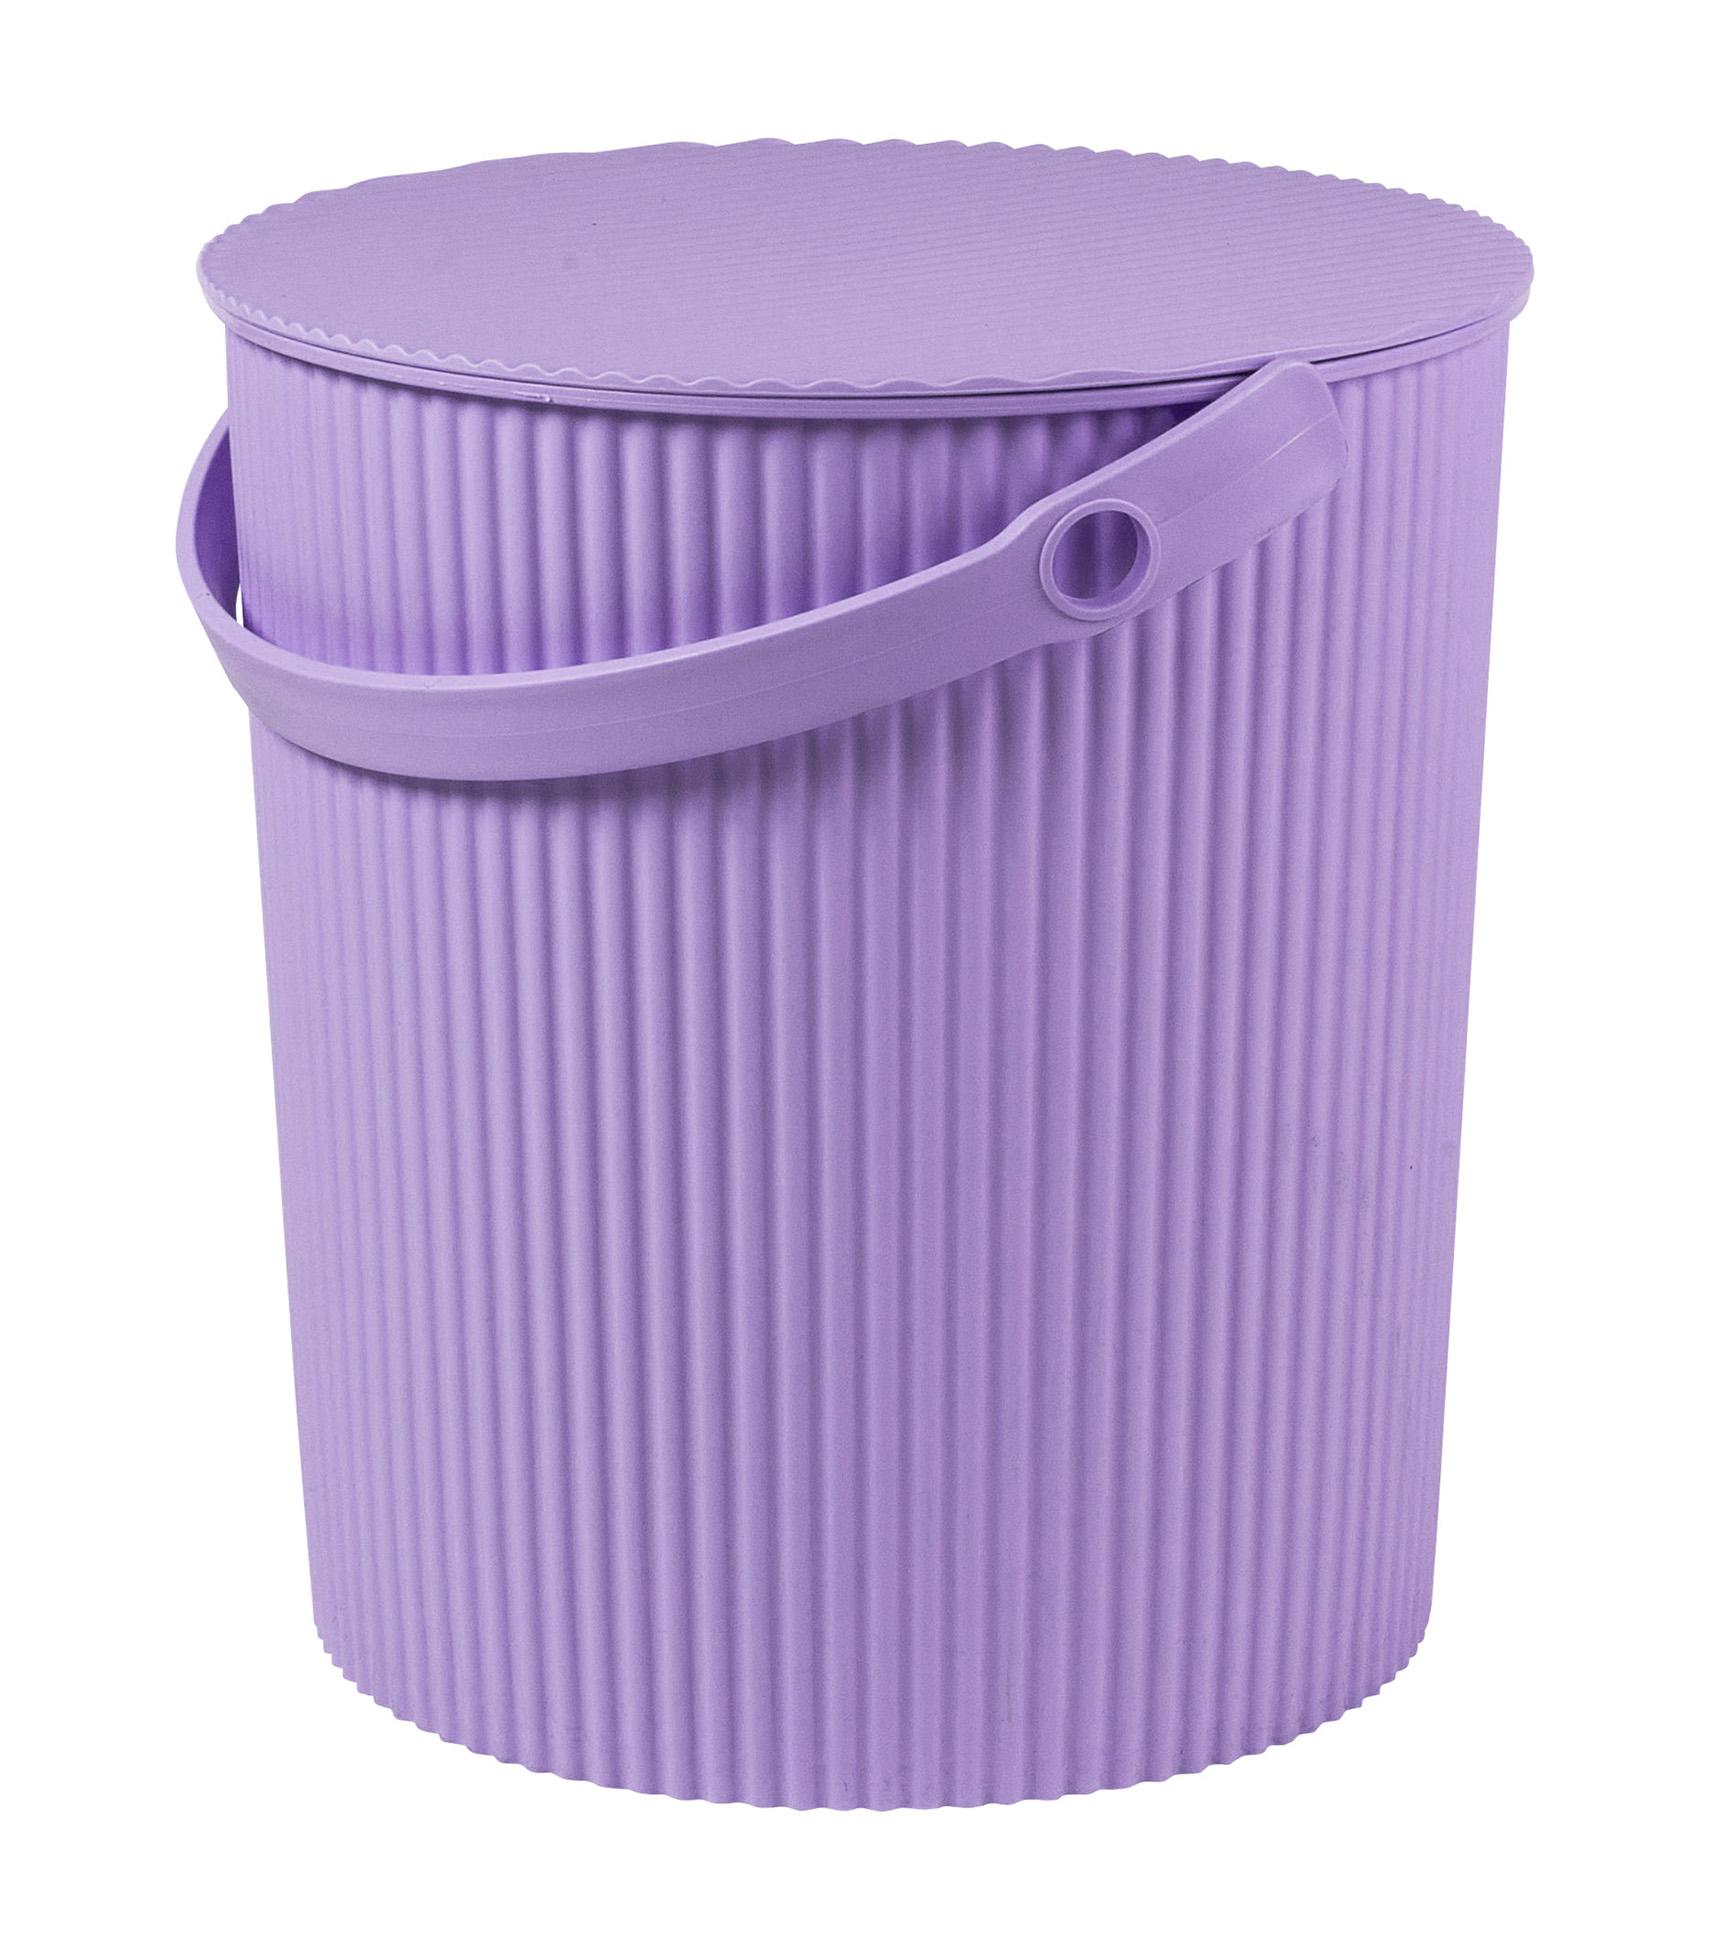 Úložný box/stupínek (30,8x33,1cm), fialová